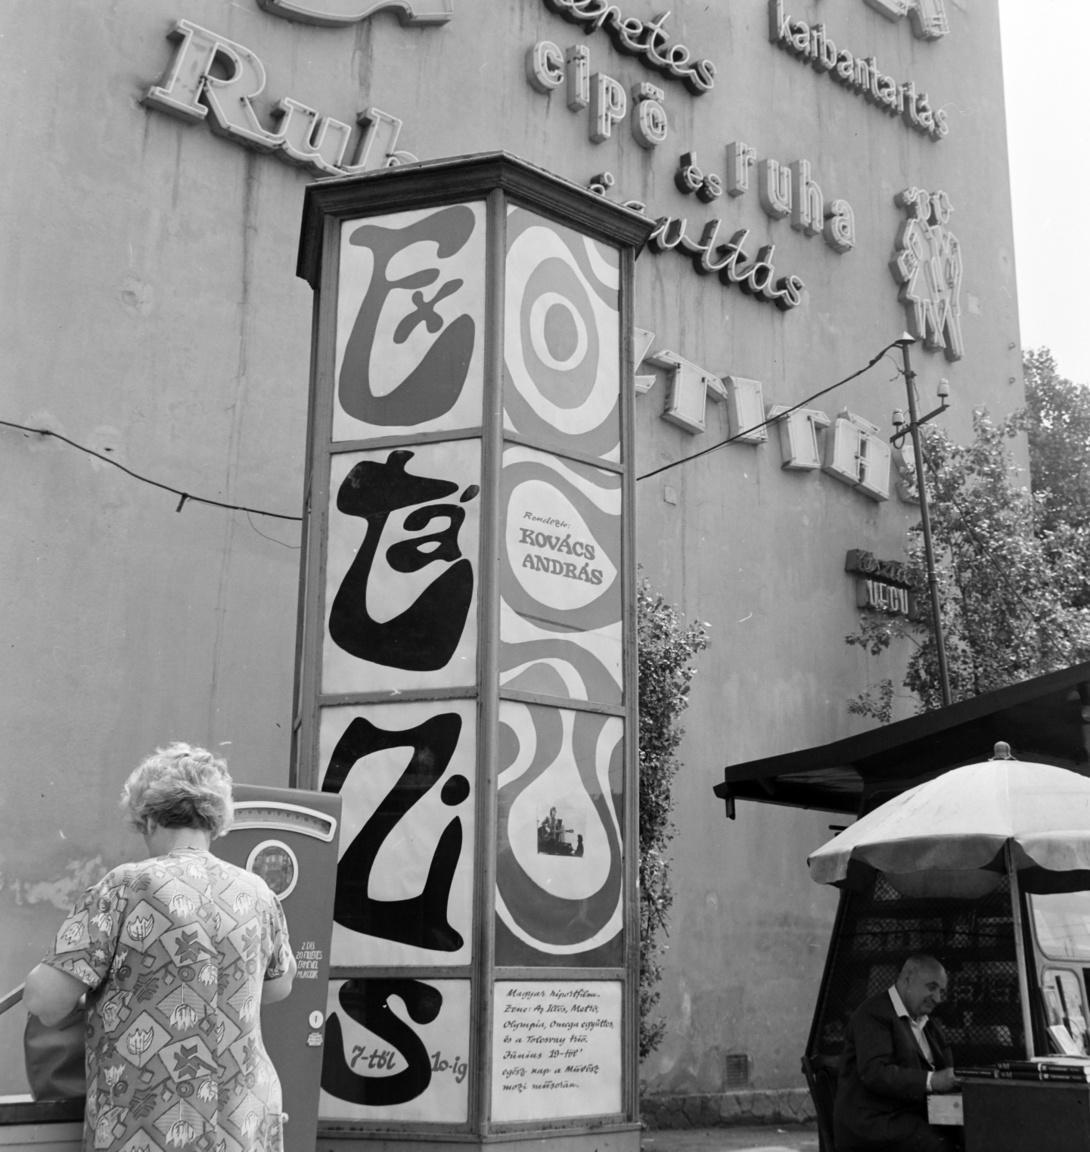 Kovács András Extázis 7-től 10-ig című dokumentumfilmje (1969) a korabeli ifjúság vágyairól és szórakozási lehetőségeiről szólt. A Kálvin téri hirdetőoszlopon a dülöngélő, különböző formájú és méretű betűk utalnak a delíriumos állapotra, ebből a kameraállásból csak egyetlen standfotót látszik. Az oszlop mögött a tűzfalon szolgáltató vállalatok neon hirdetései láthatók. A bal oldalon háttal álló nő talán épp pénzérmét keres az utcai mérleg használatához, a jobb alsó sarokban a hírlapárus pavilon mellett valaki könyvet dedikál a napernyő alatt.